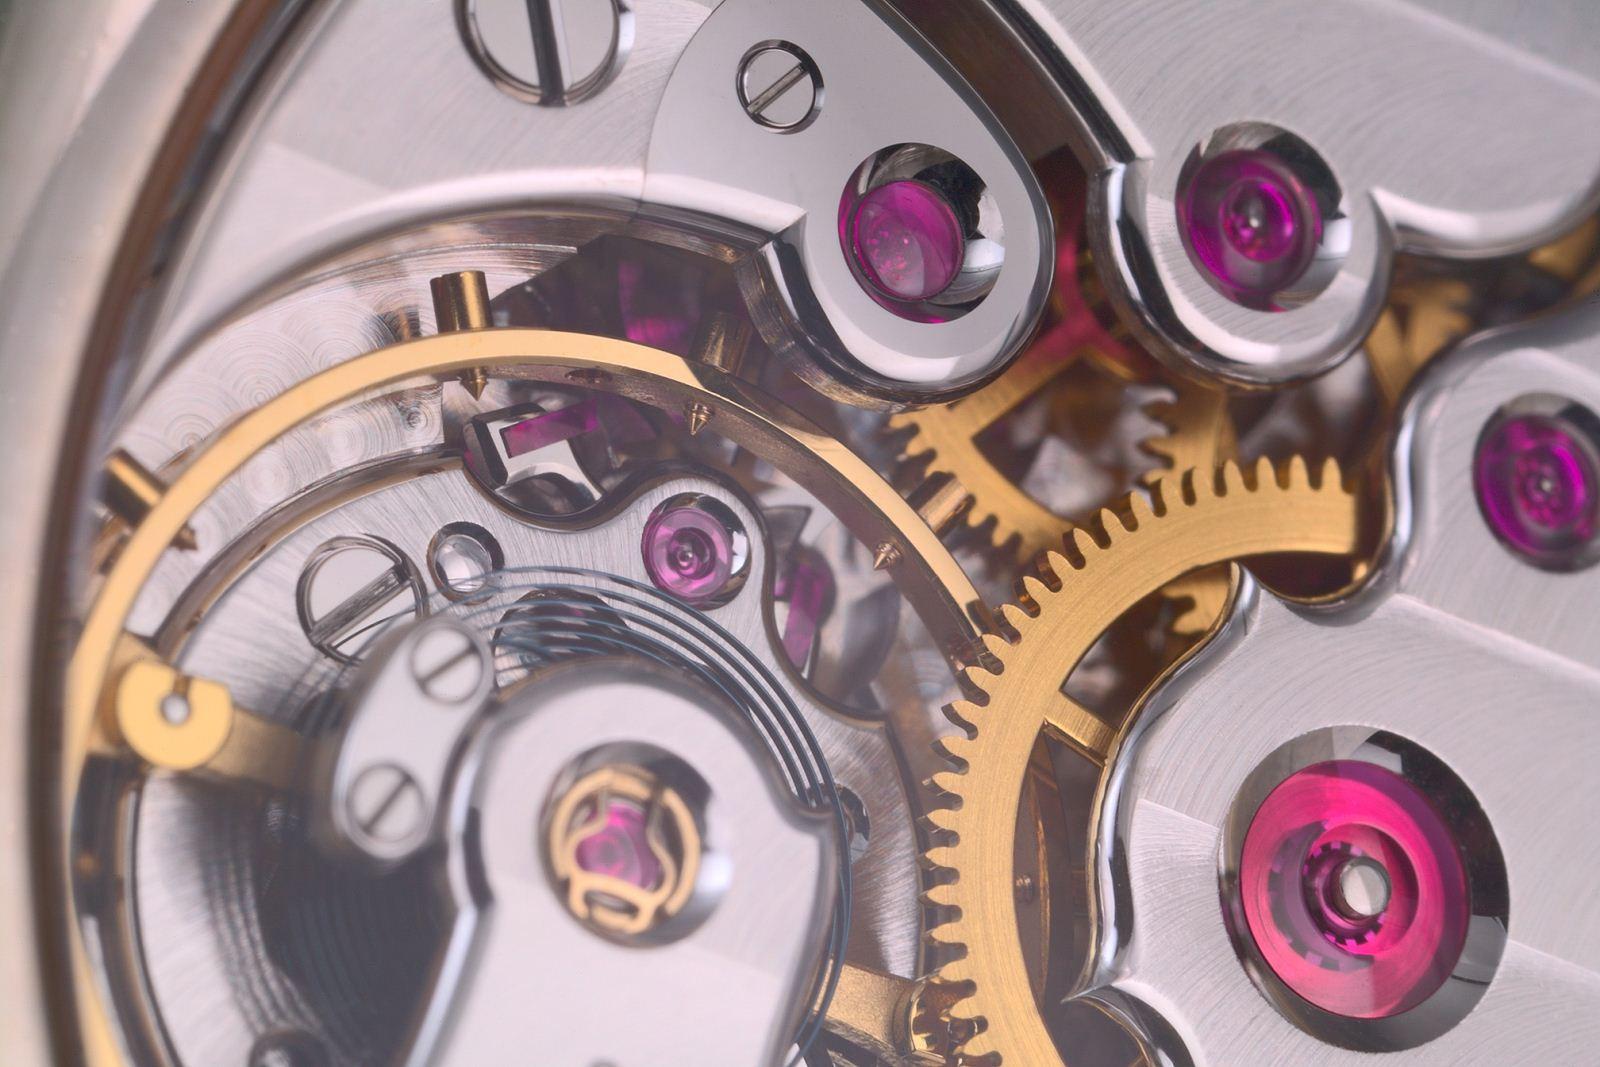 jewels của đồng hồ đeo tay